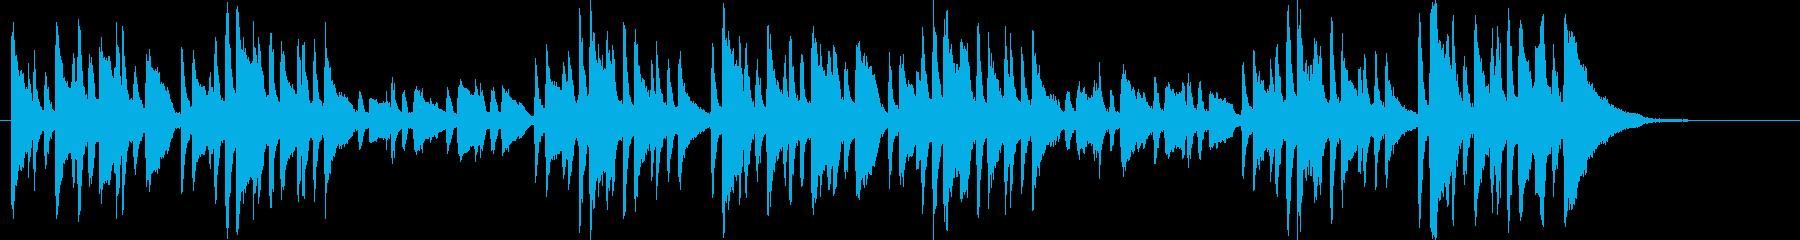 交響的練習曲よりフィナーレ(シューマン)の再生済みの波形